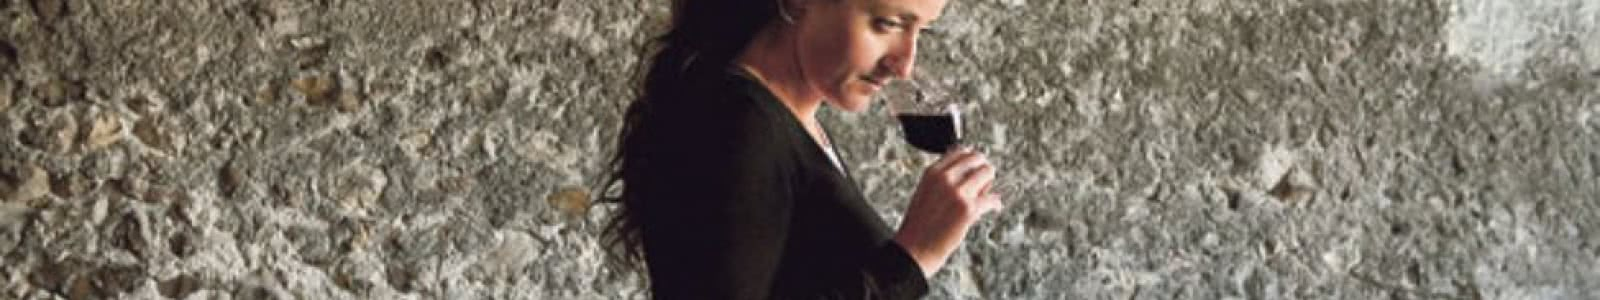 Noëlla Morantin - Femme vigneronne des vins au féminin du Loir-et-Cher en Val de Loire